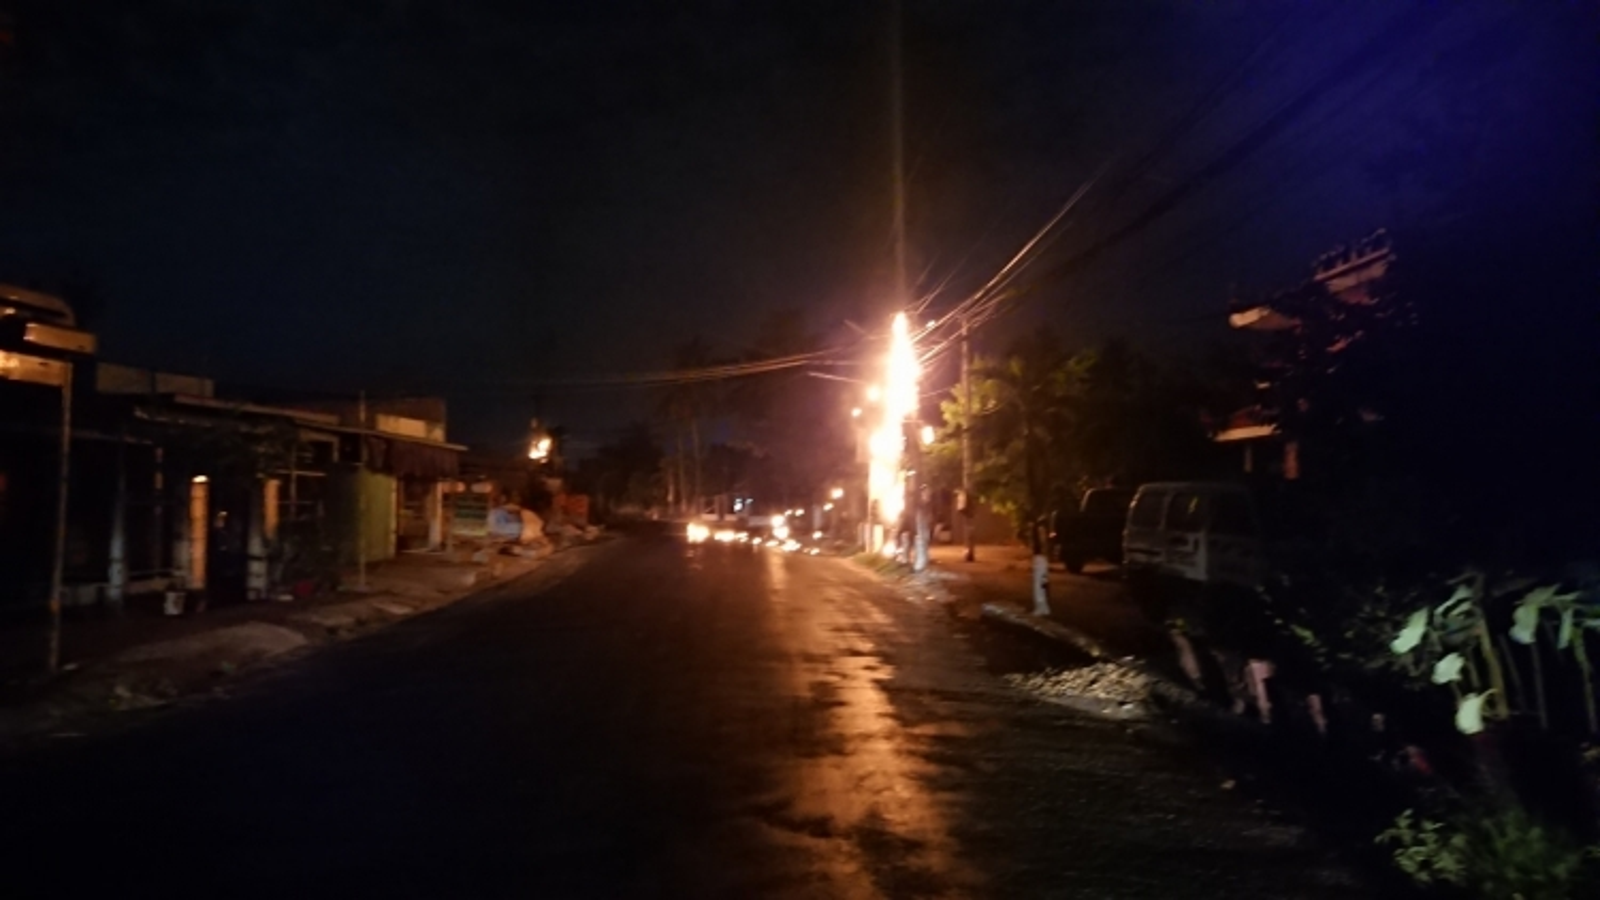 Hàng loạt cột điện bốc cháy kèm theo tiếng nổ lớn giữa đêm khuya